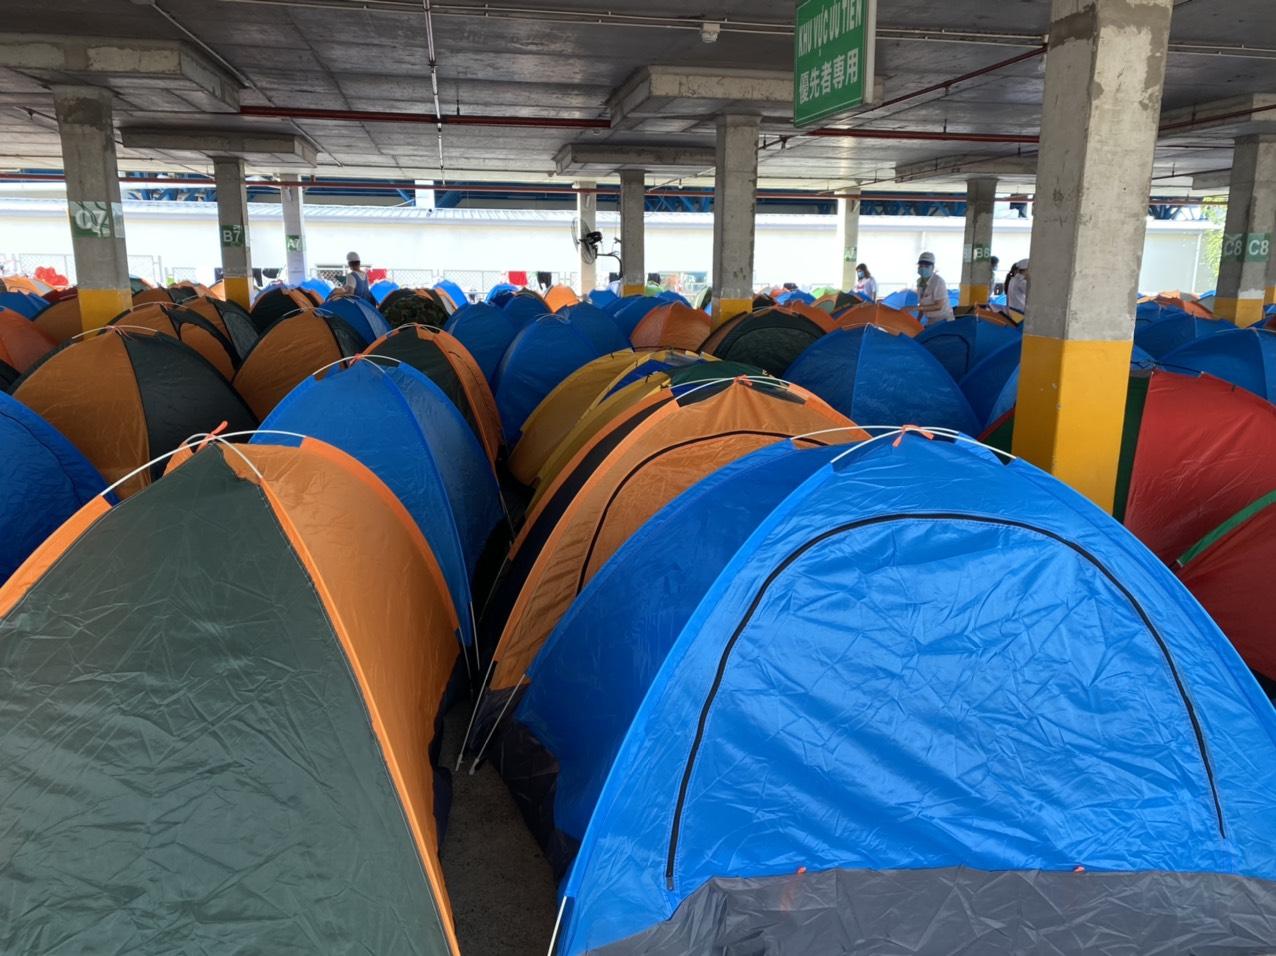 Công ty Nidec Sankyo Khu công nghệ cao, thành phố Thủ Đức bố trí lều cho công nhân ở lại nhà máy khi phát hiện ca nhiễm Covid-19.